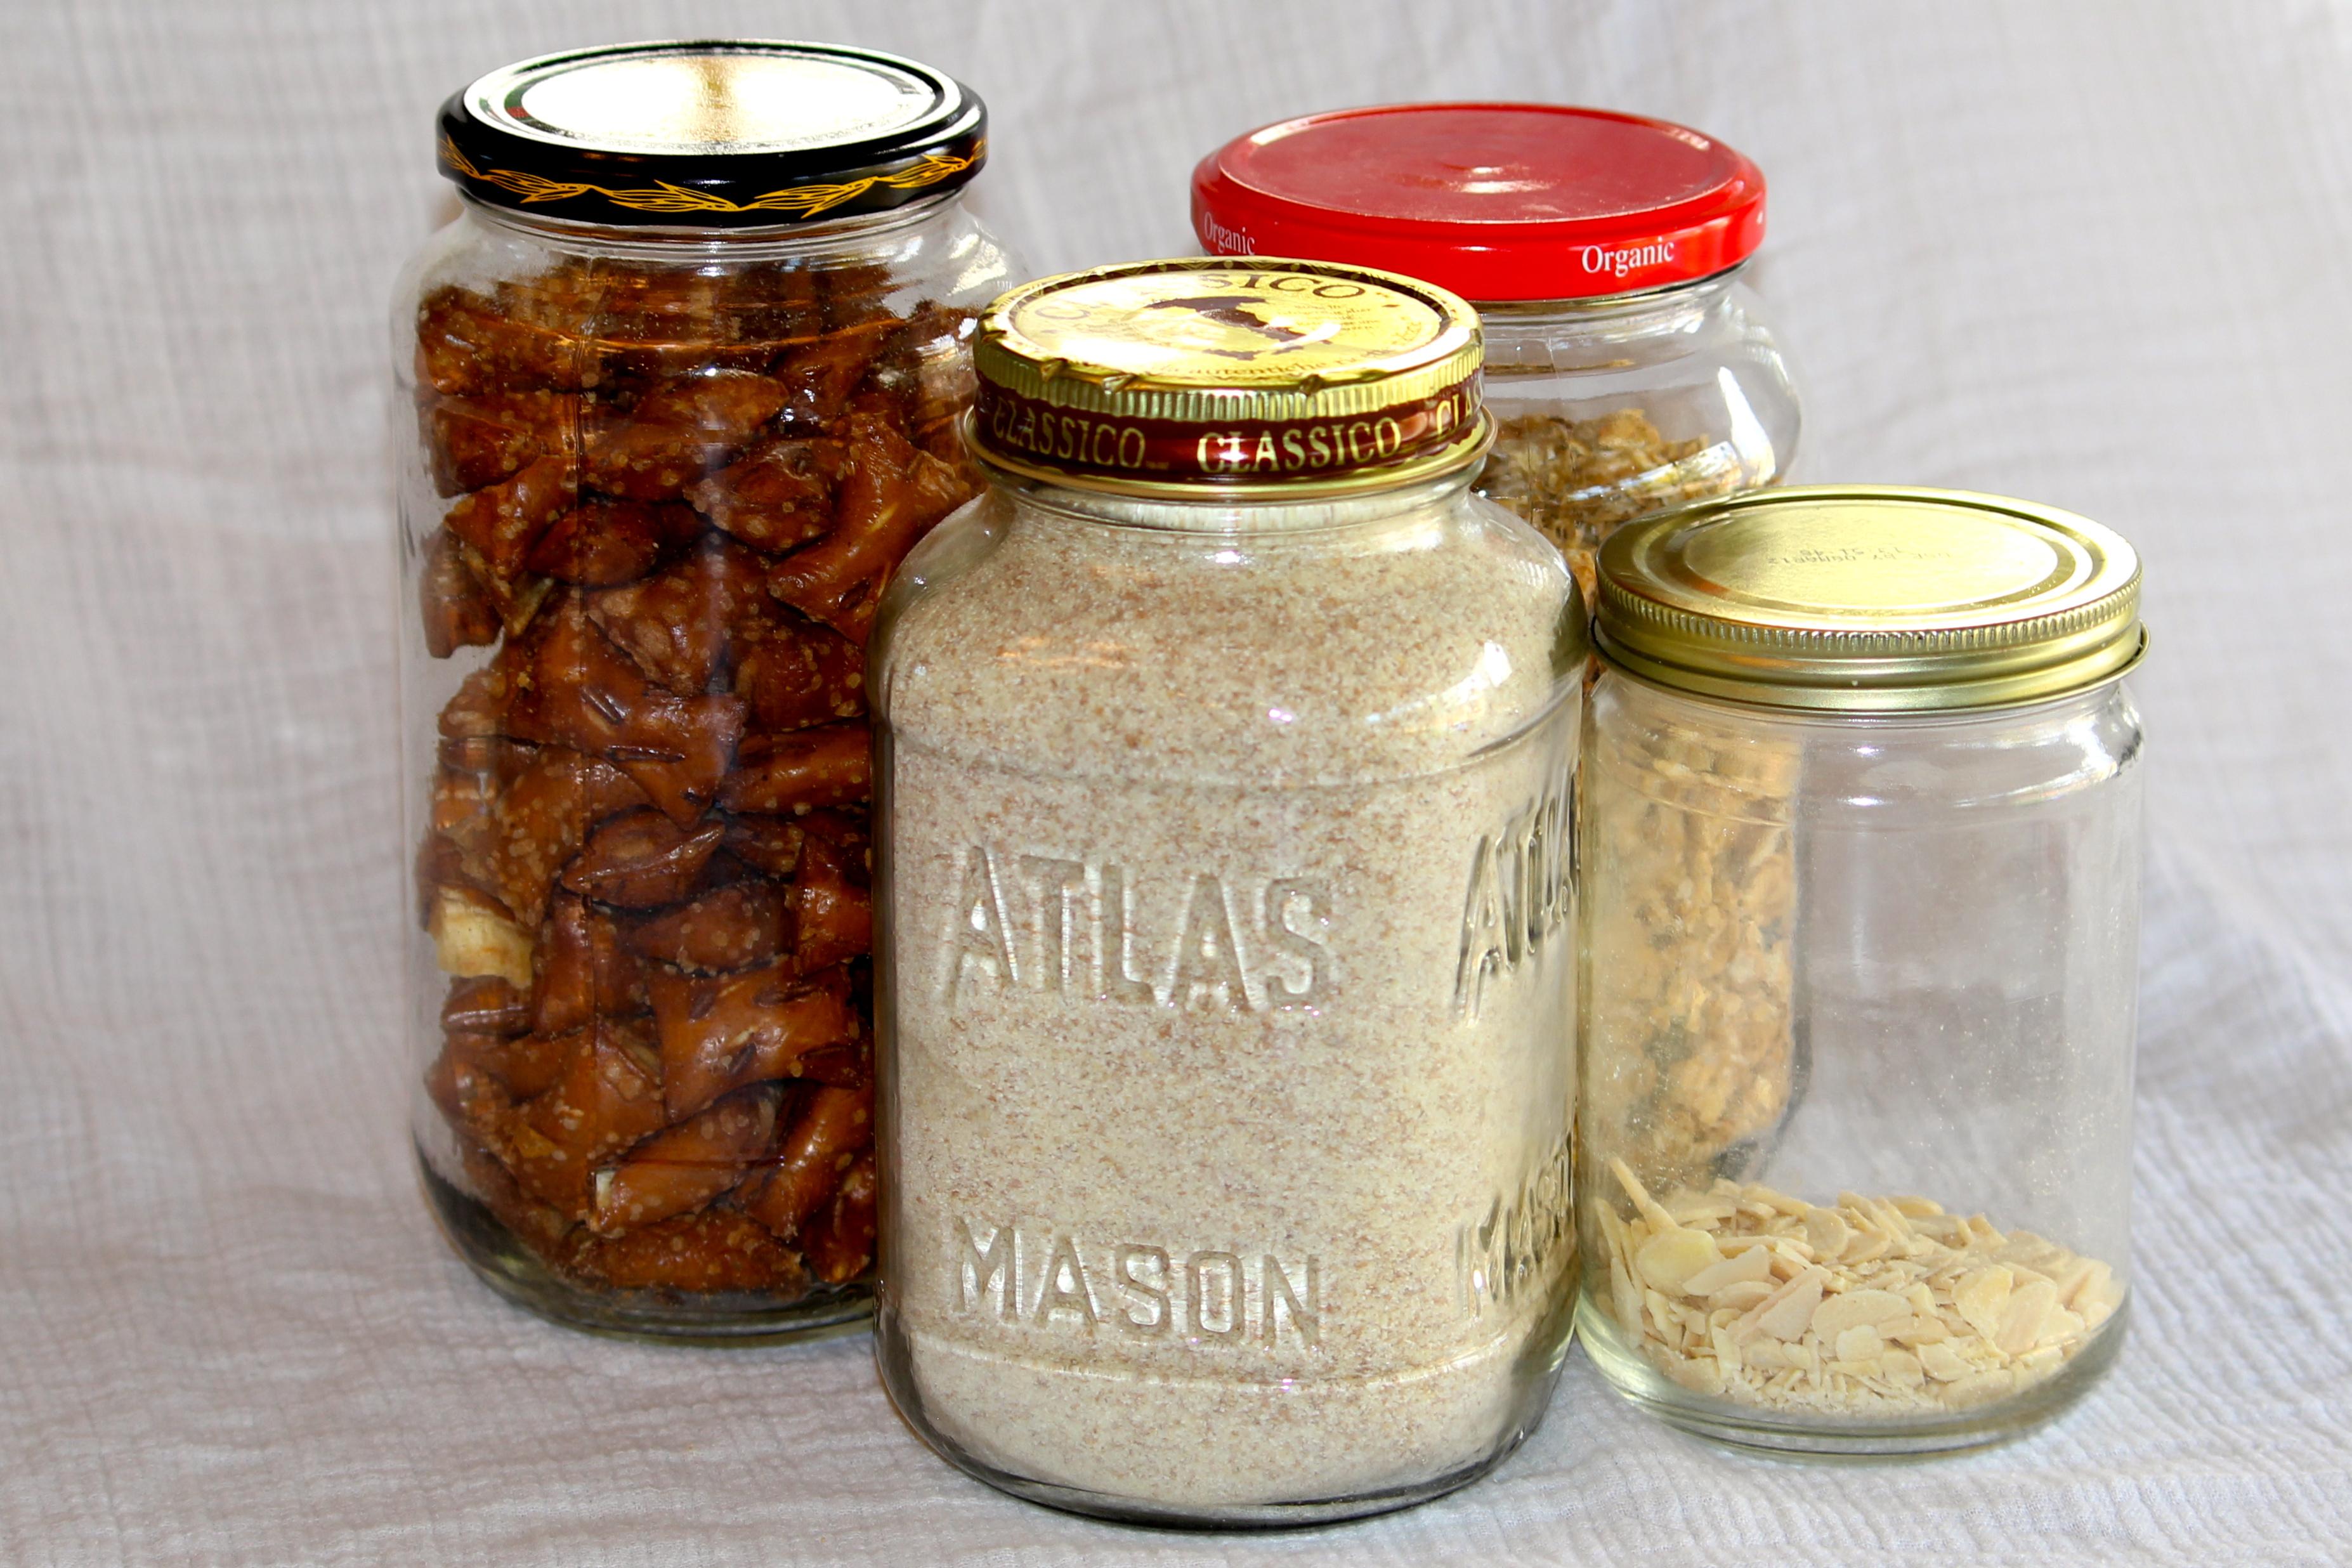 reuse glass jars as pantry storage